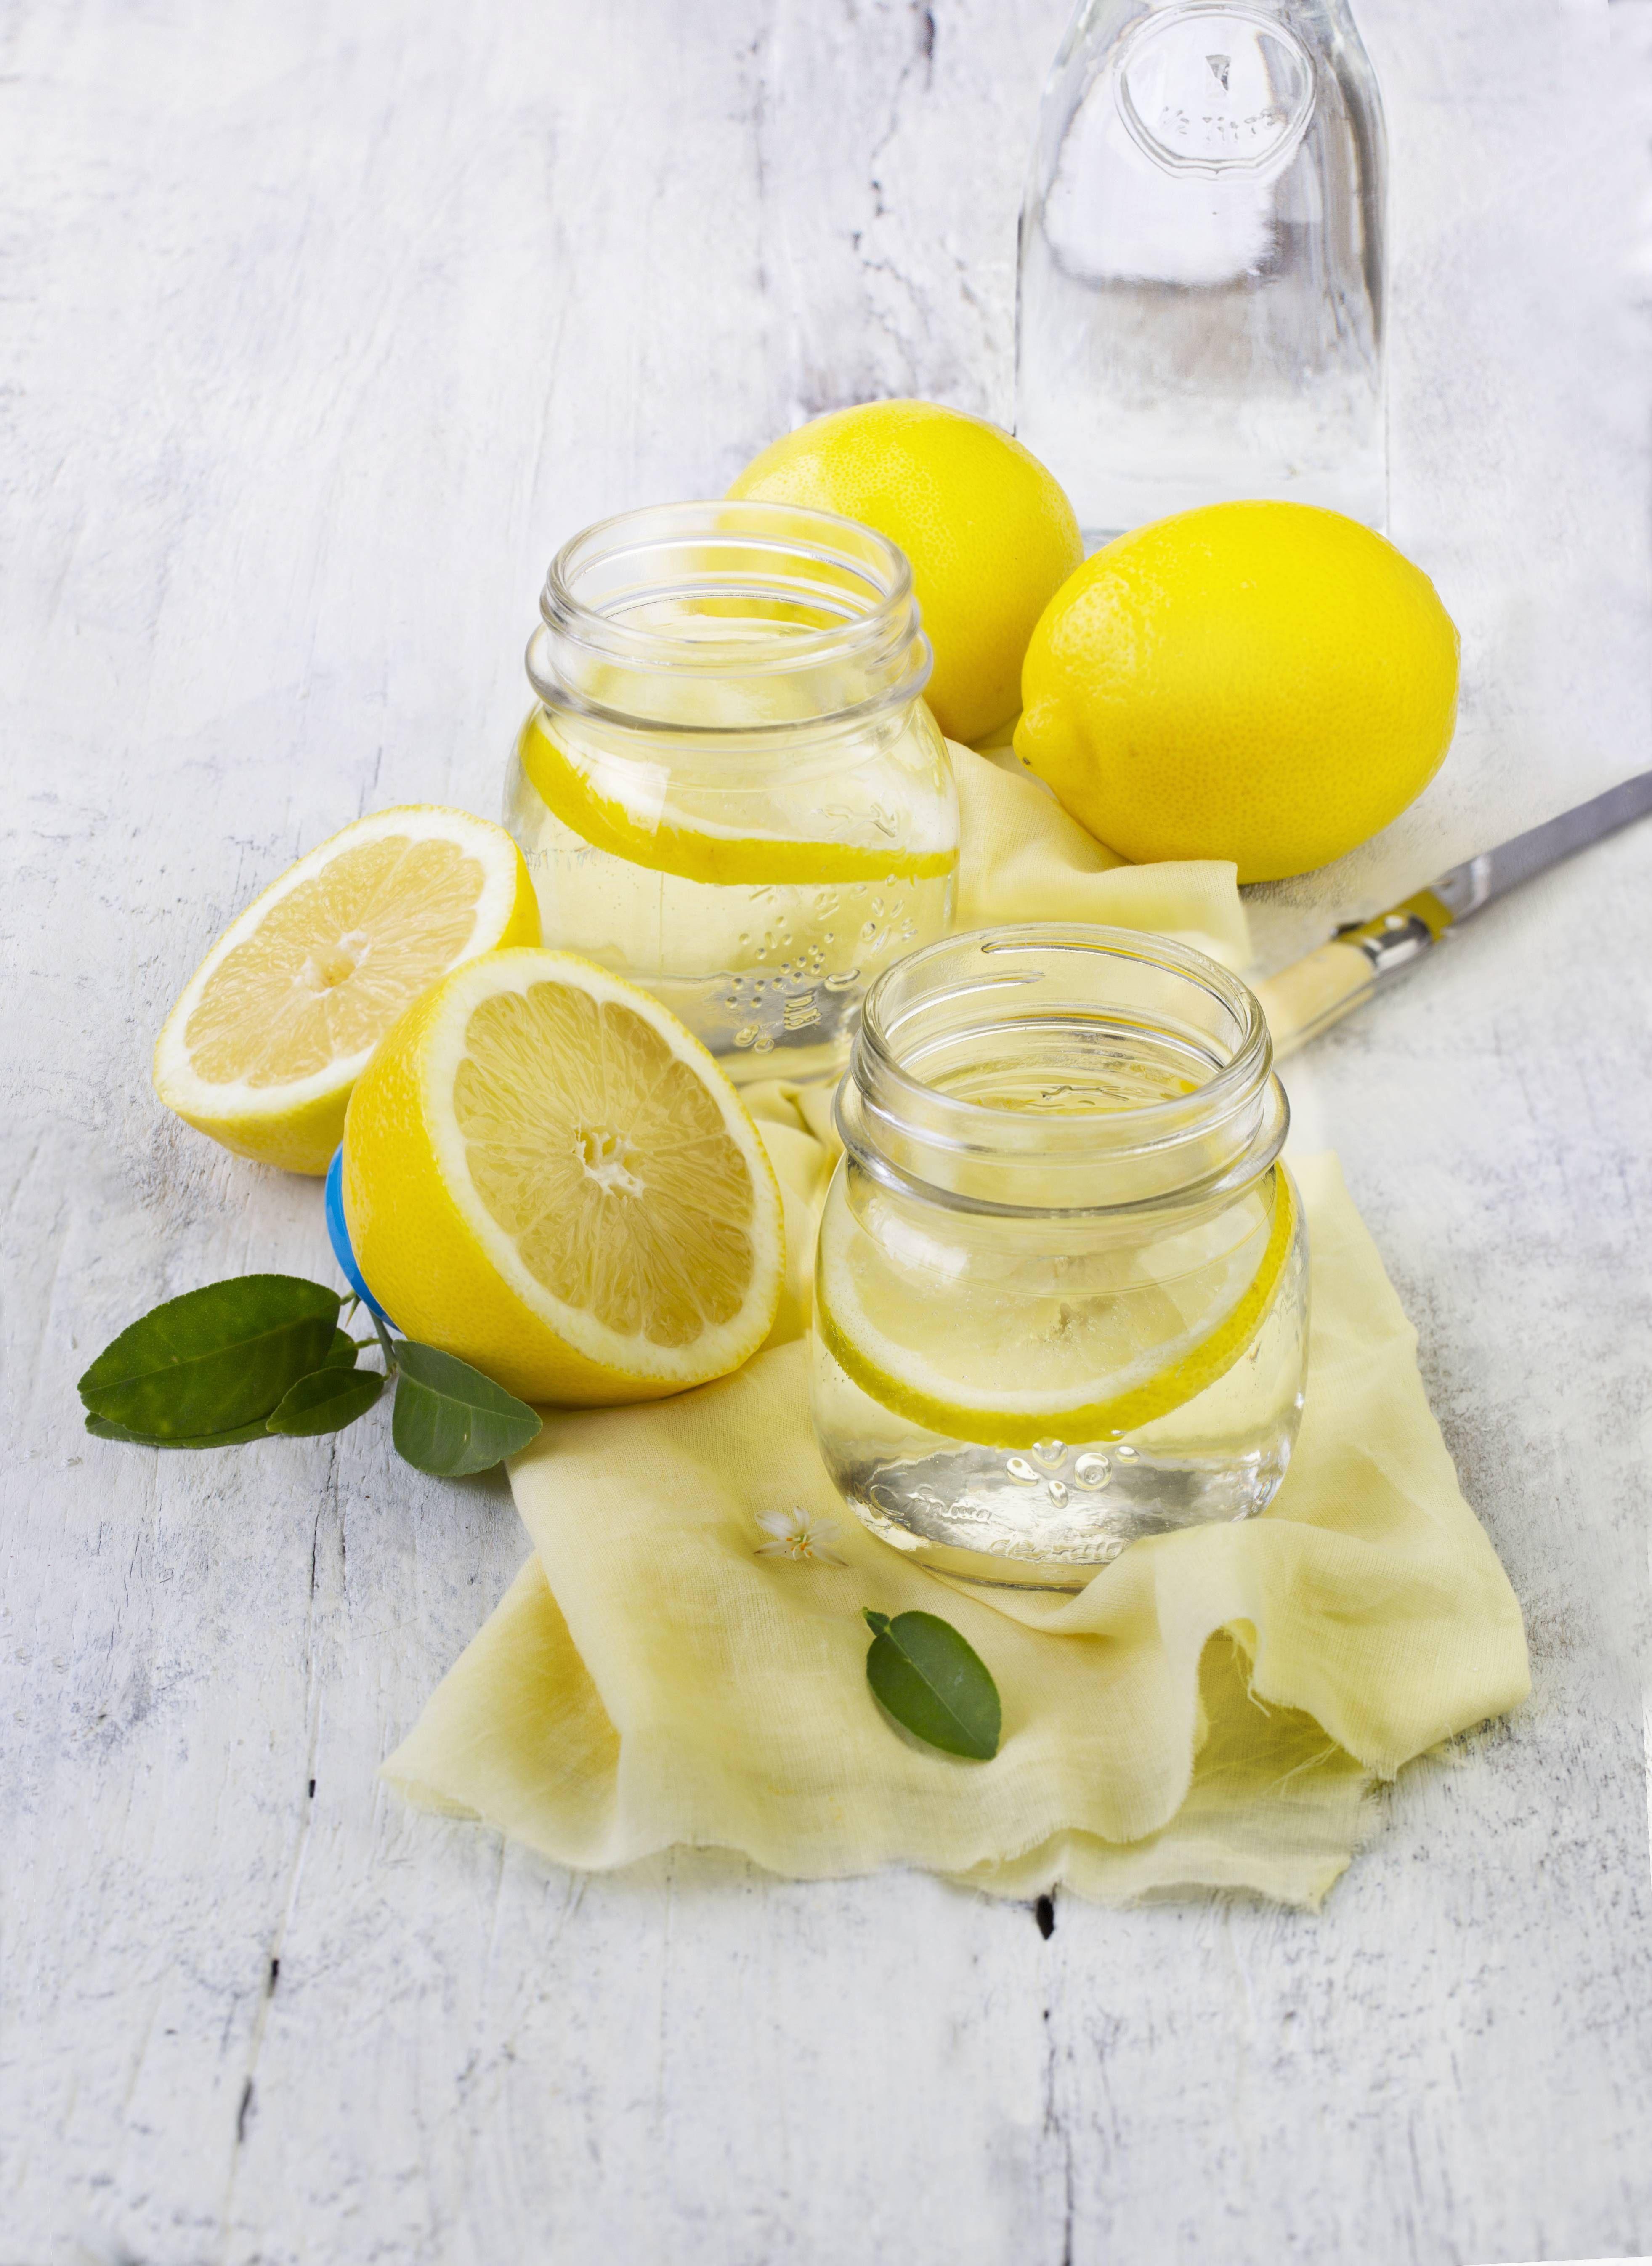 bicarbonato limon y agua para adelgazar